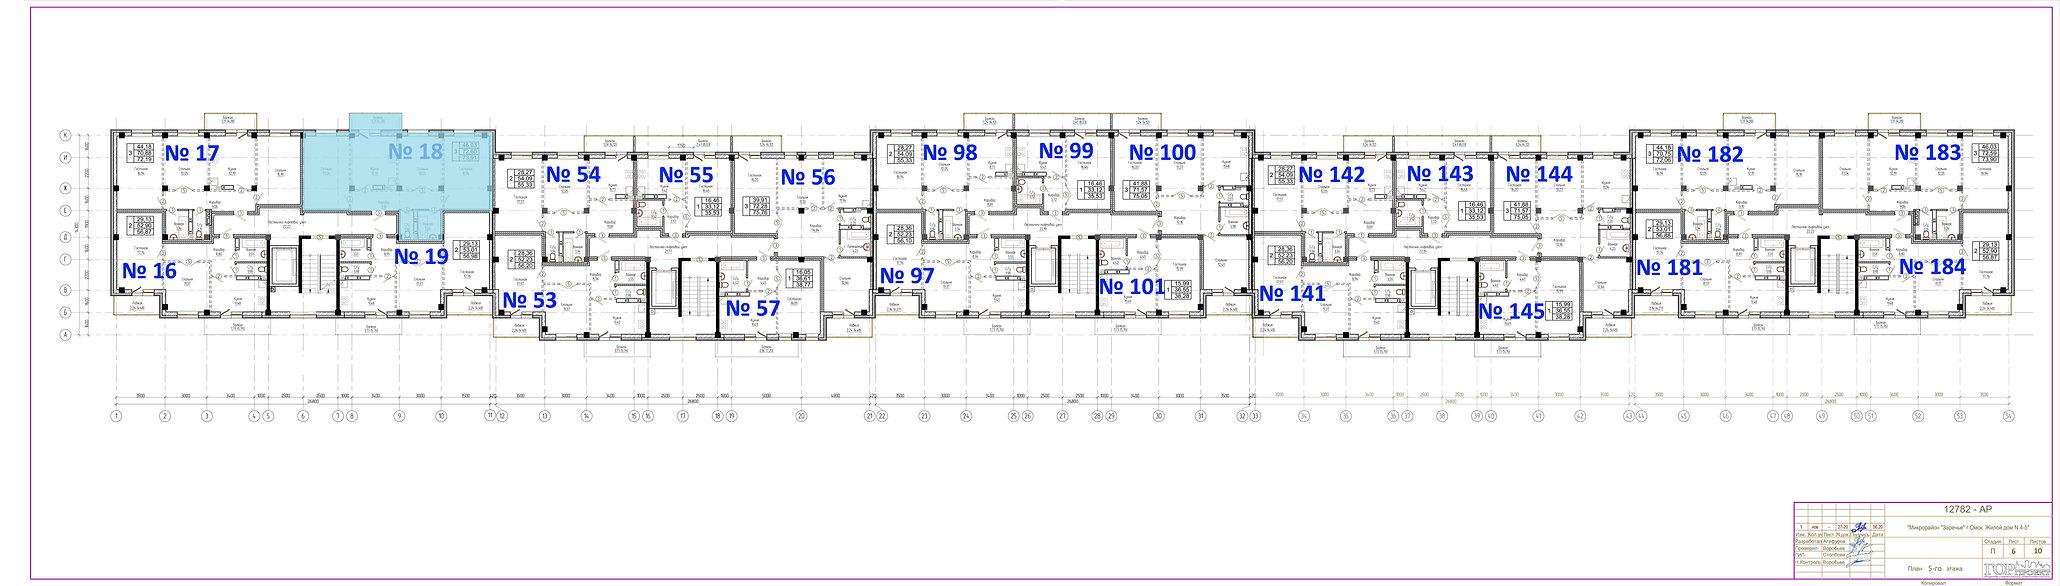 5 этаж кв 18.jpg